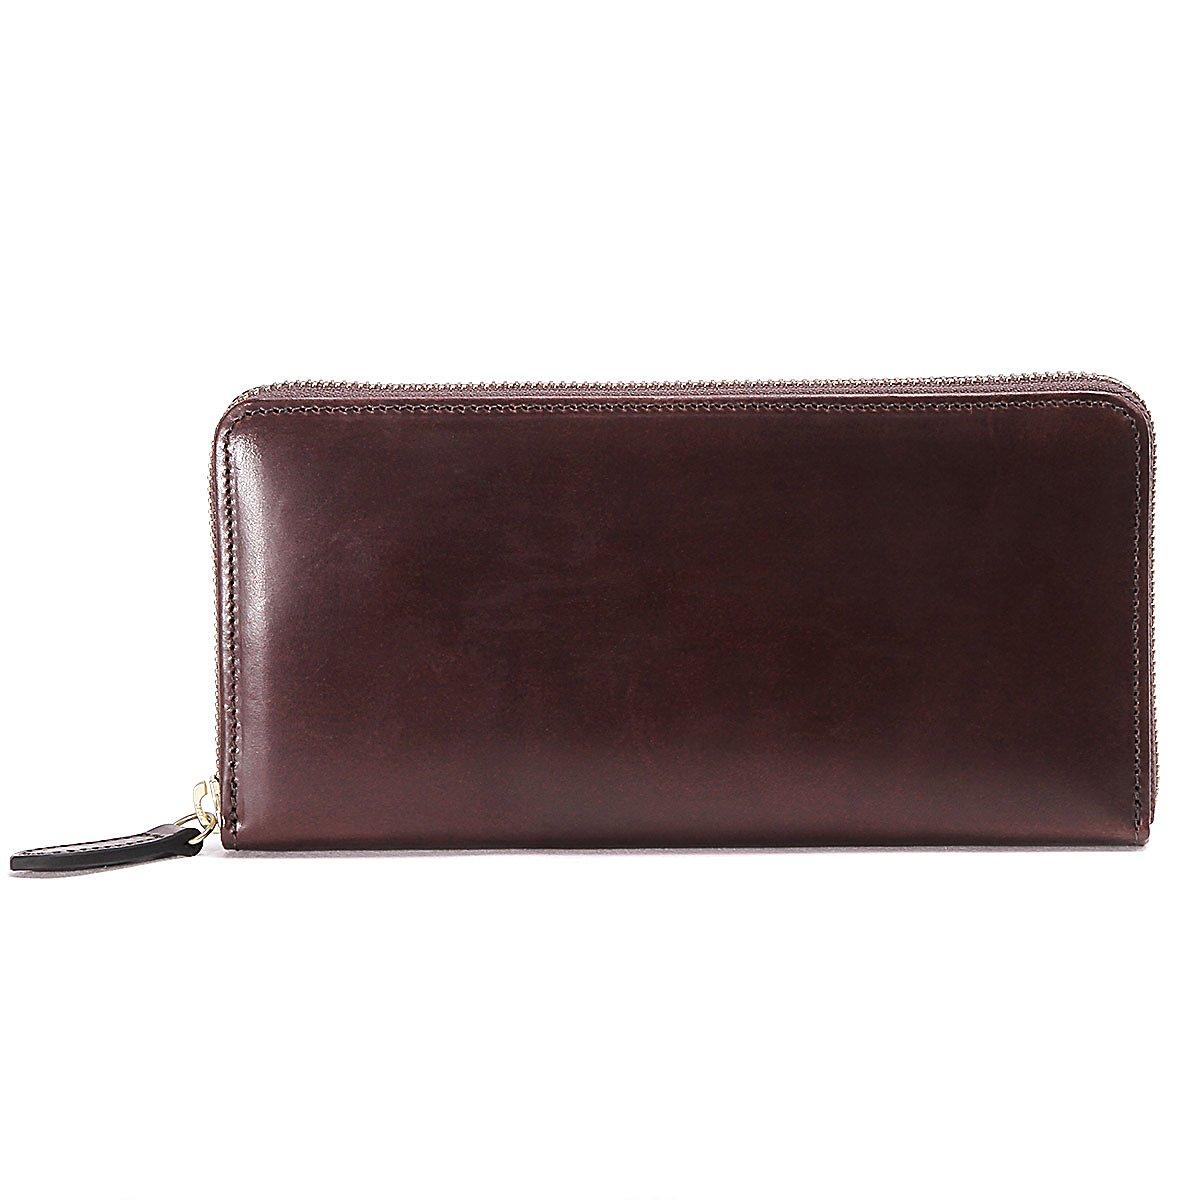 スロウ 長財布 round long wallet herbie SO659G B07FYL42DV  レッドブラウン